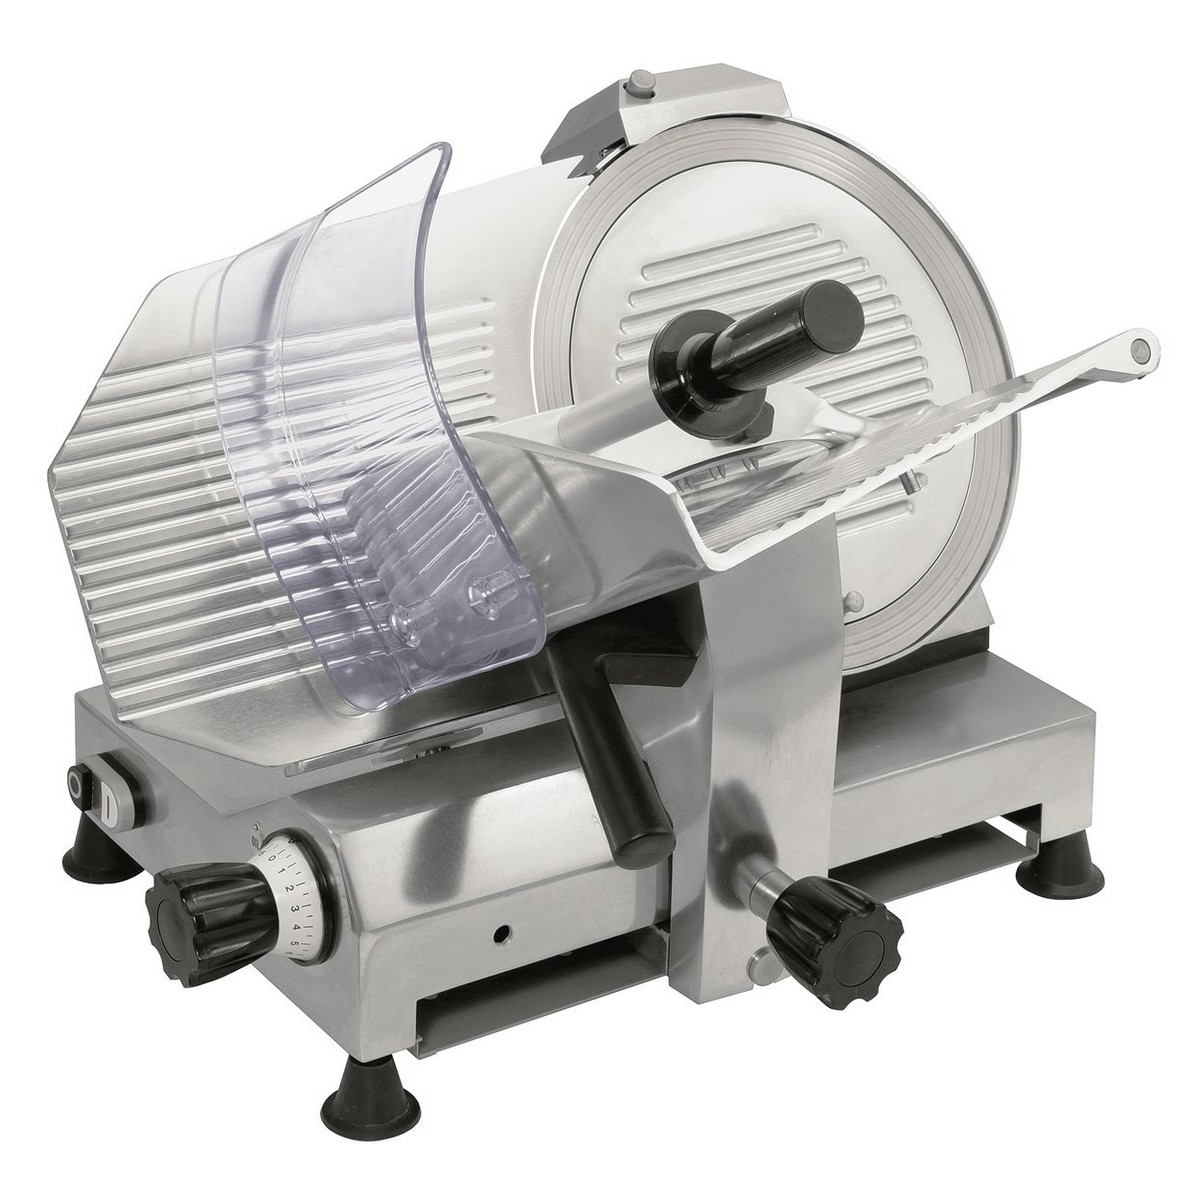 Affettatrice Modello GPR300 MN - Acciaio con Lama Inox Ø 300 mm